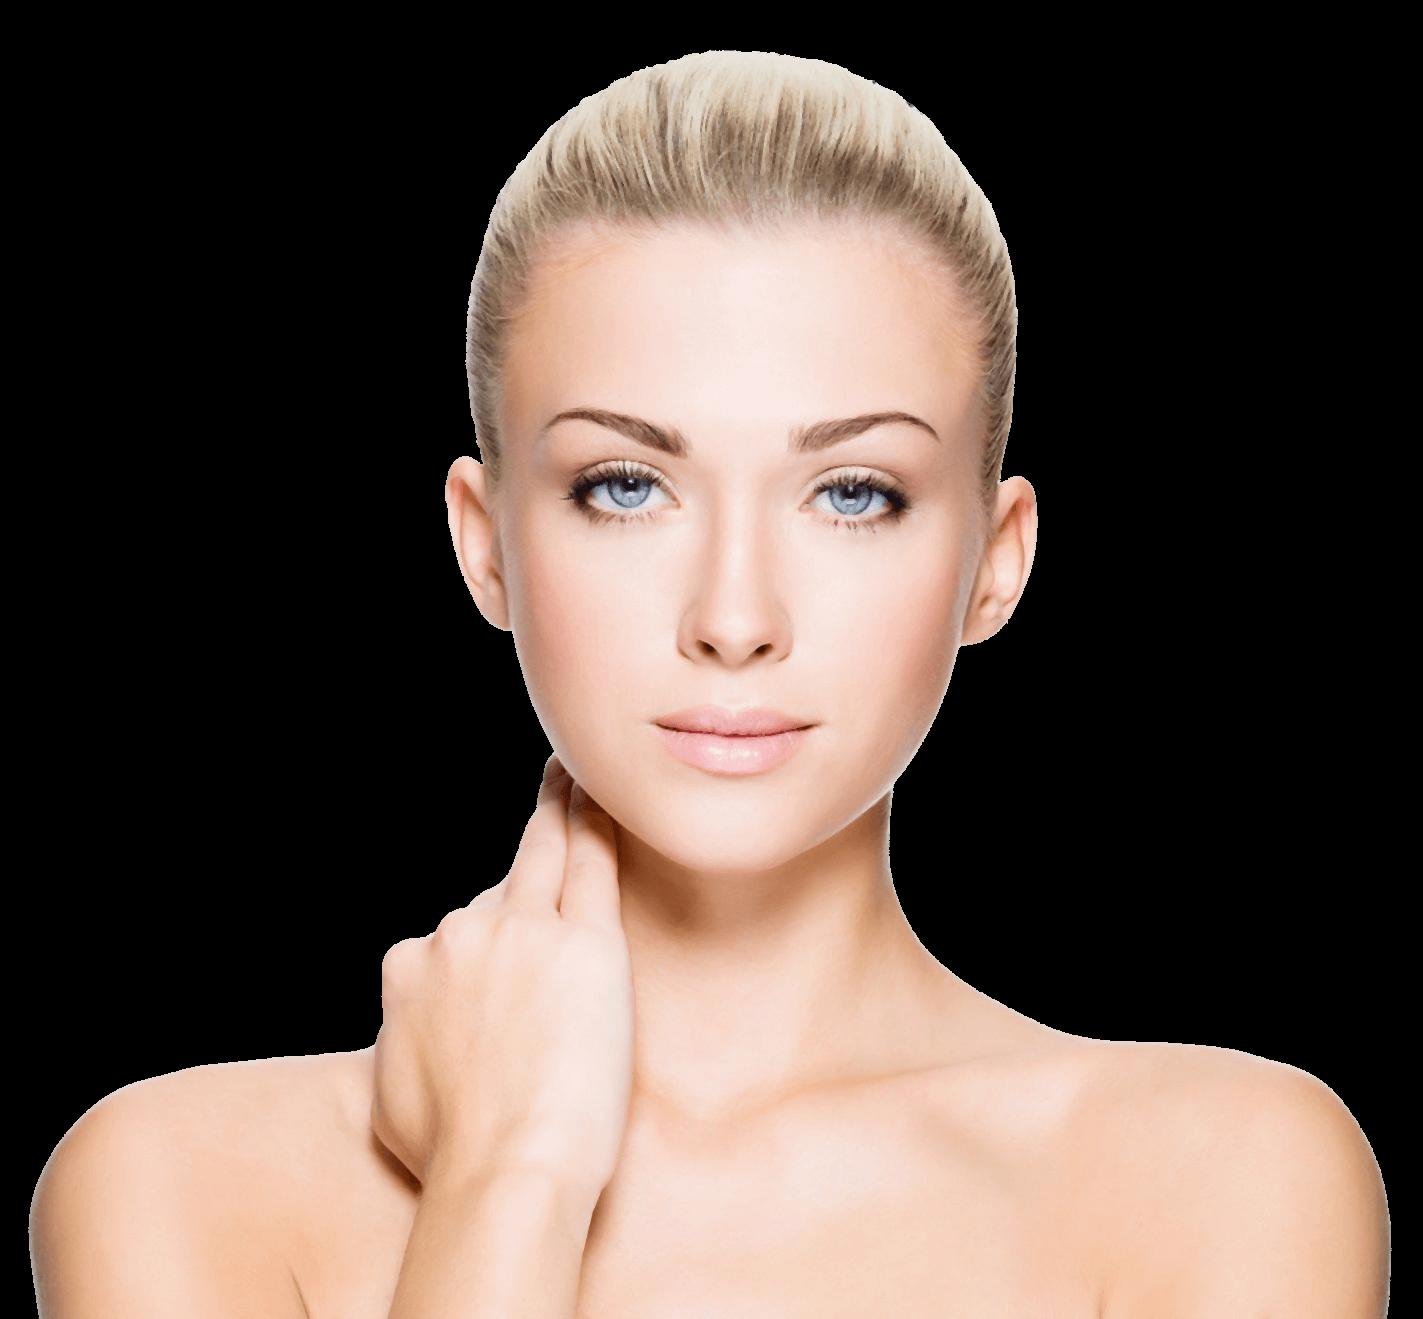 Gegen Die Anzeichen Der Hautalterung